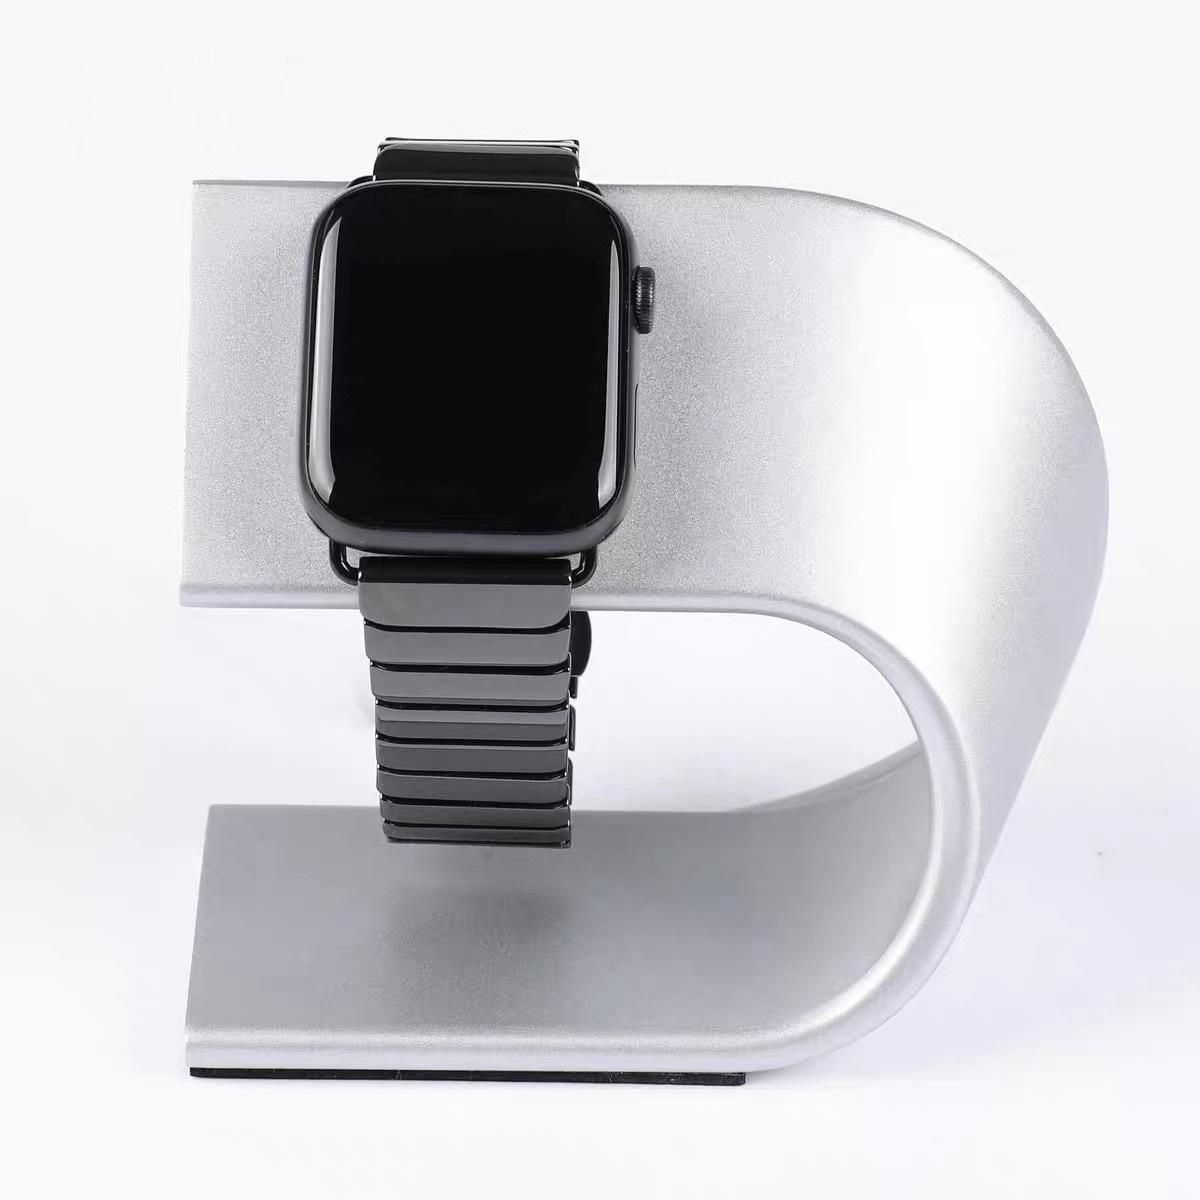 Đế dock sạc không dây Apple Watch Nhôm nguyên khối kiêm Giá đỡ đồng hồ  thông minh S3 - Adapter Sạc - Cáp Sạc Cho Thiết Bị Đeo